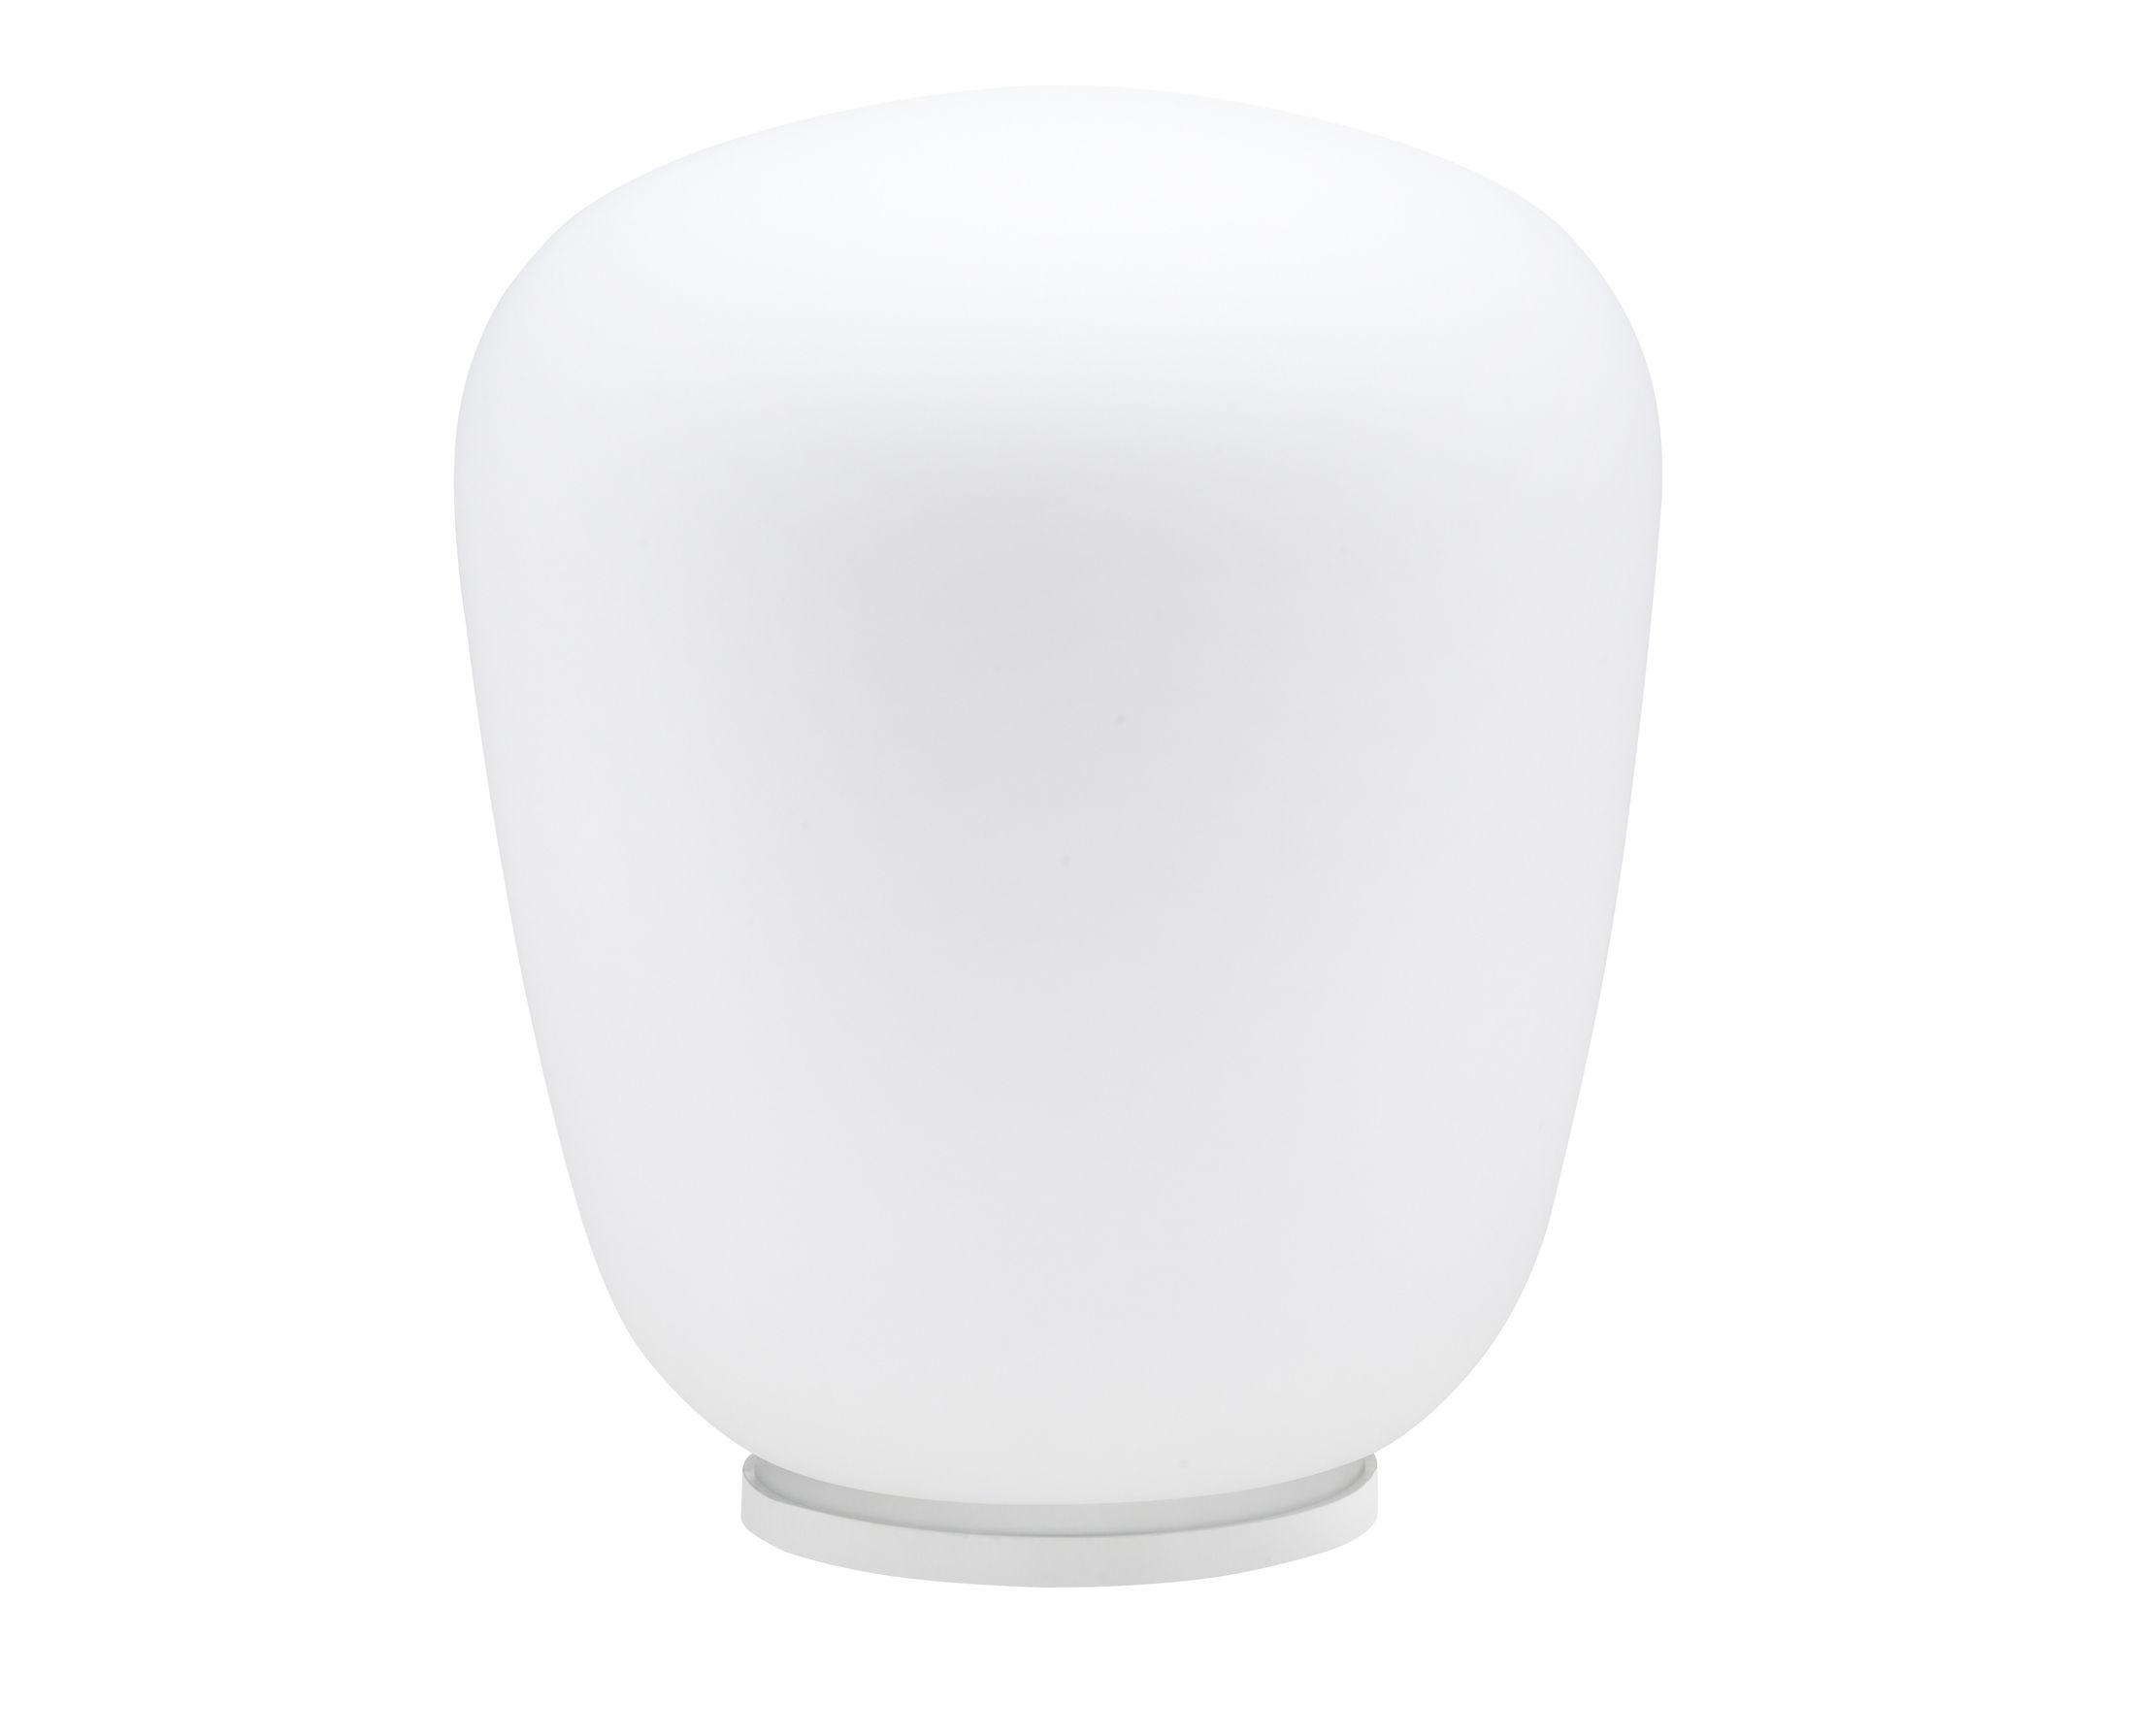 Luminaire - Lampes de table - Lampe de table Baka Ø 33 cm - Fabbian - Blanc - Verre